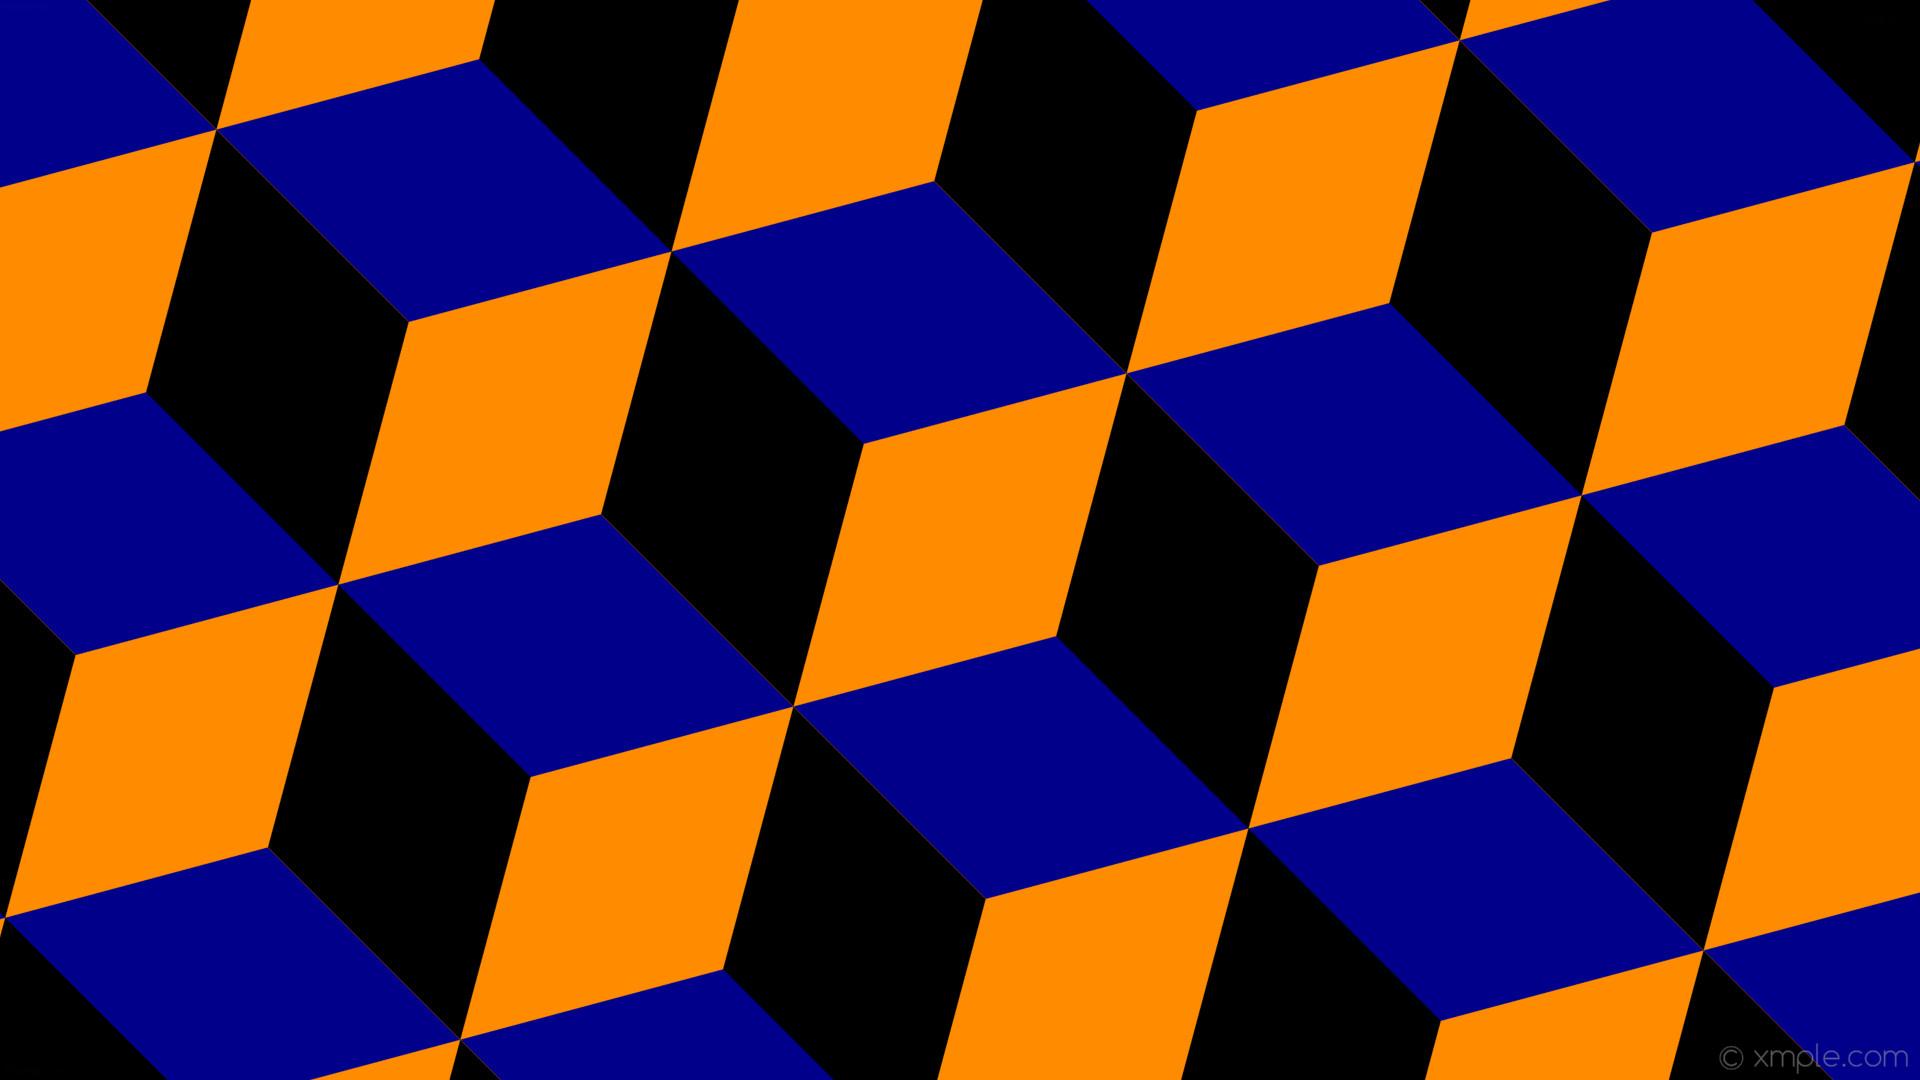 wallpaper 3d cubes blue orange black dark orange dark blue #ff8c00 #00008b  #000000